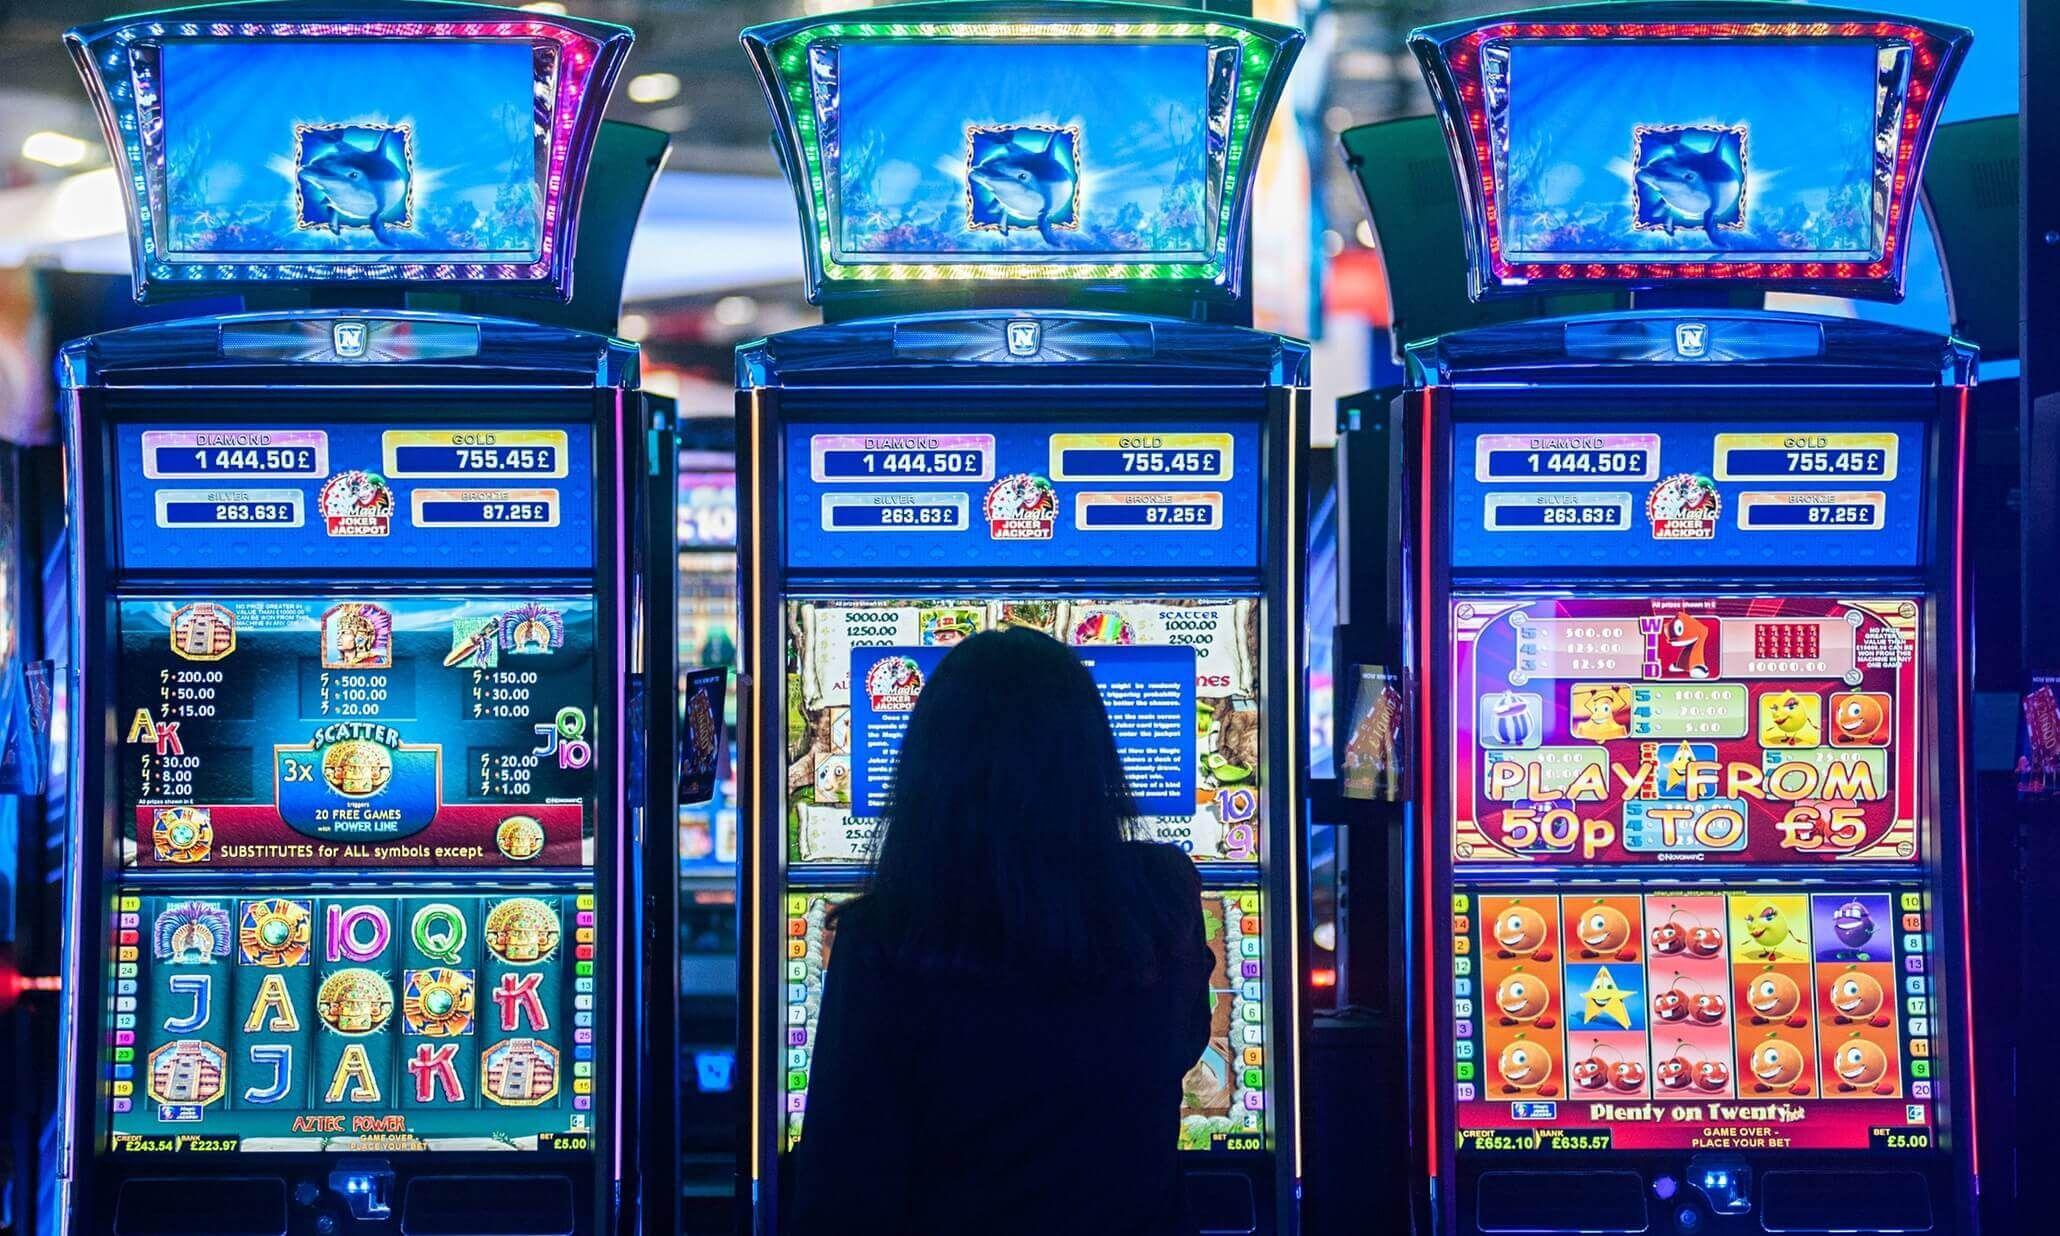 Скачать игру казино халява скачать бесплатно игровые автоматы на телефон нокиа 5230